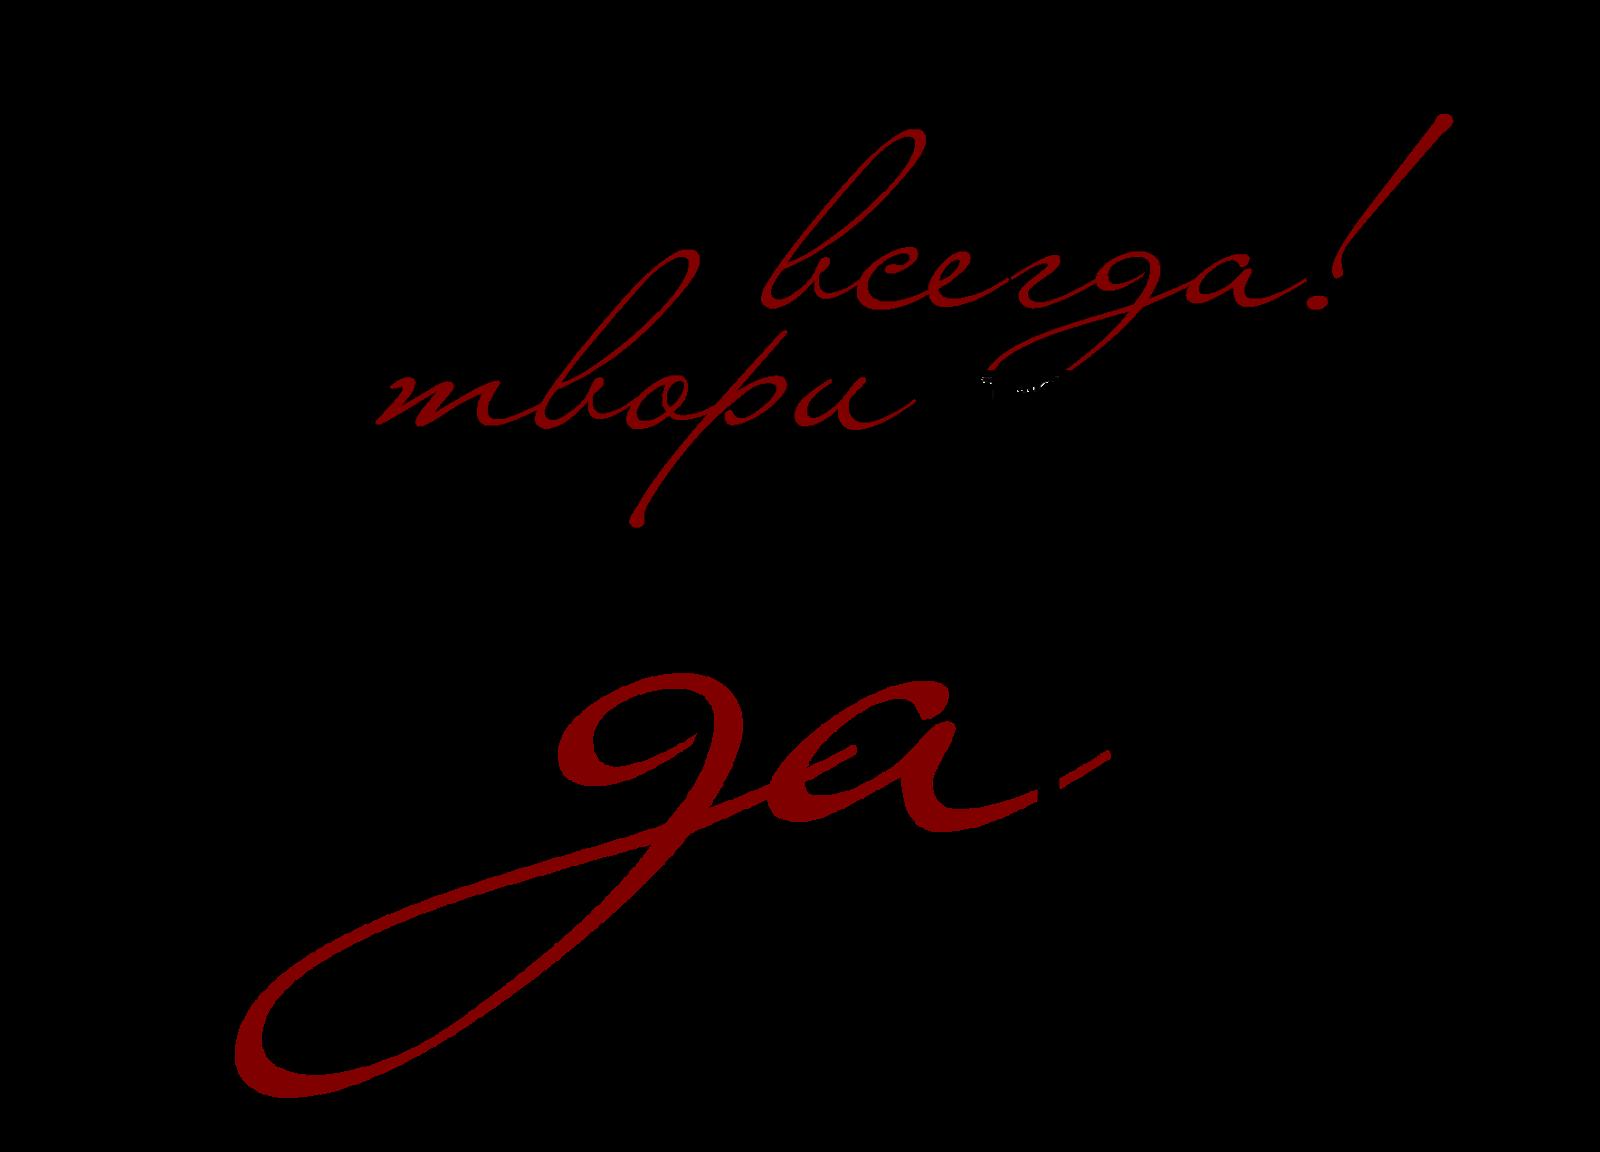 фото под надписи